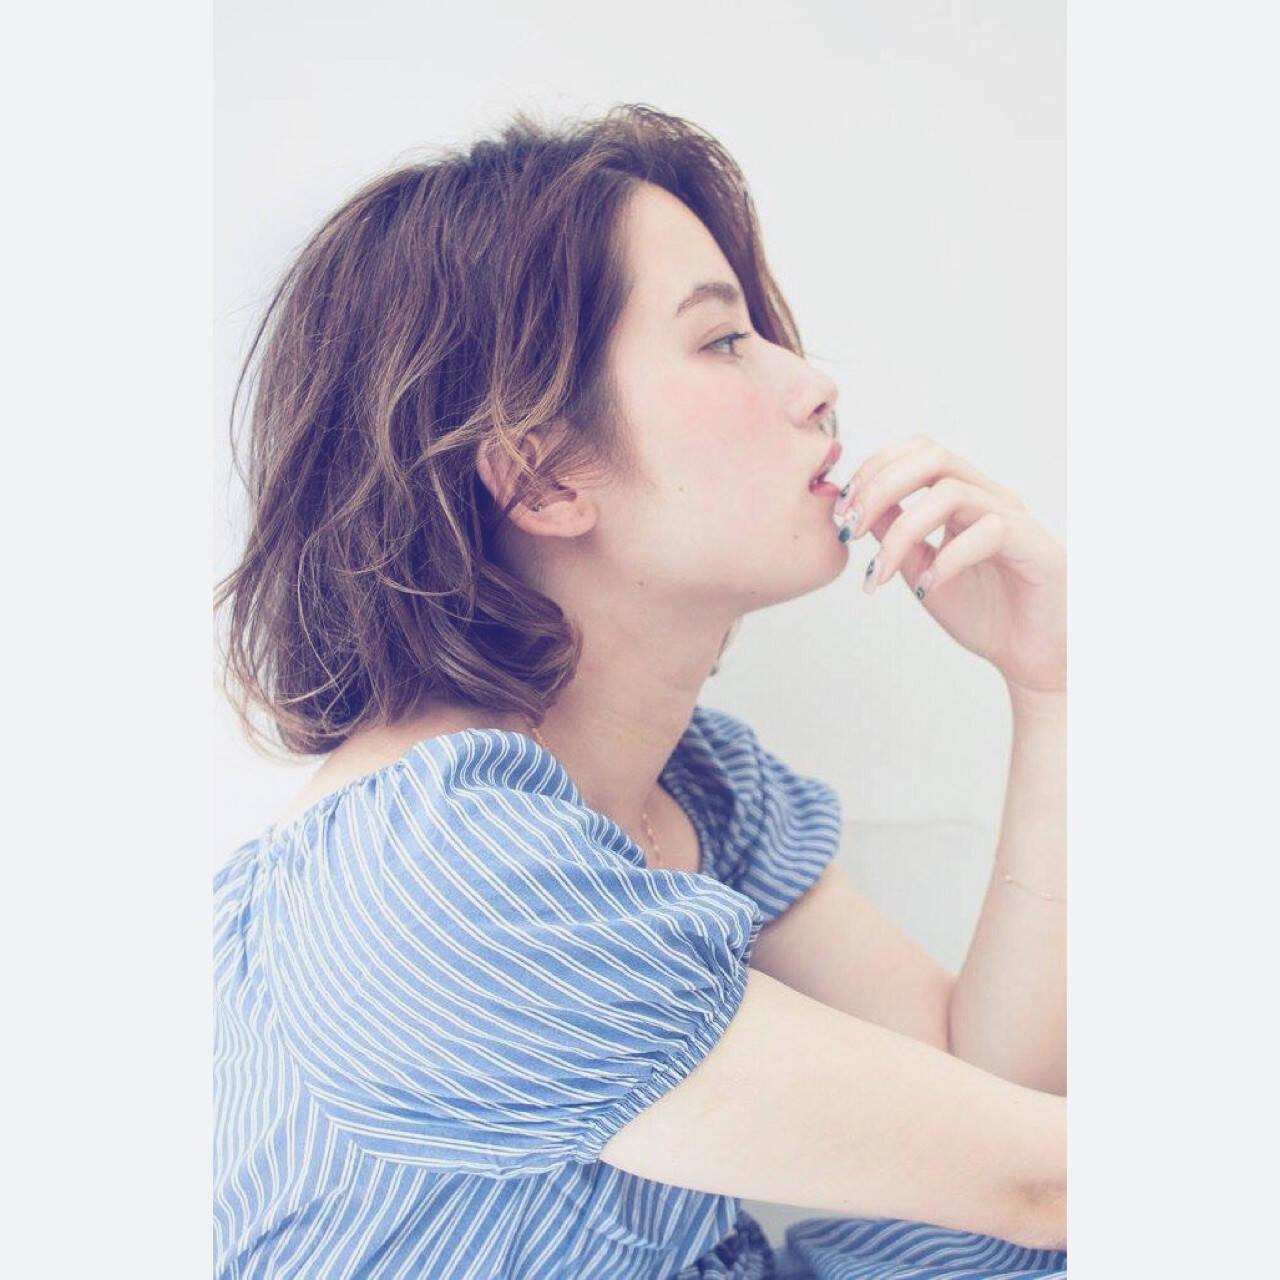 ミディアム ガーリー ピュア パーマヘアスタイルや髪型の写真・画像